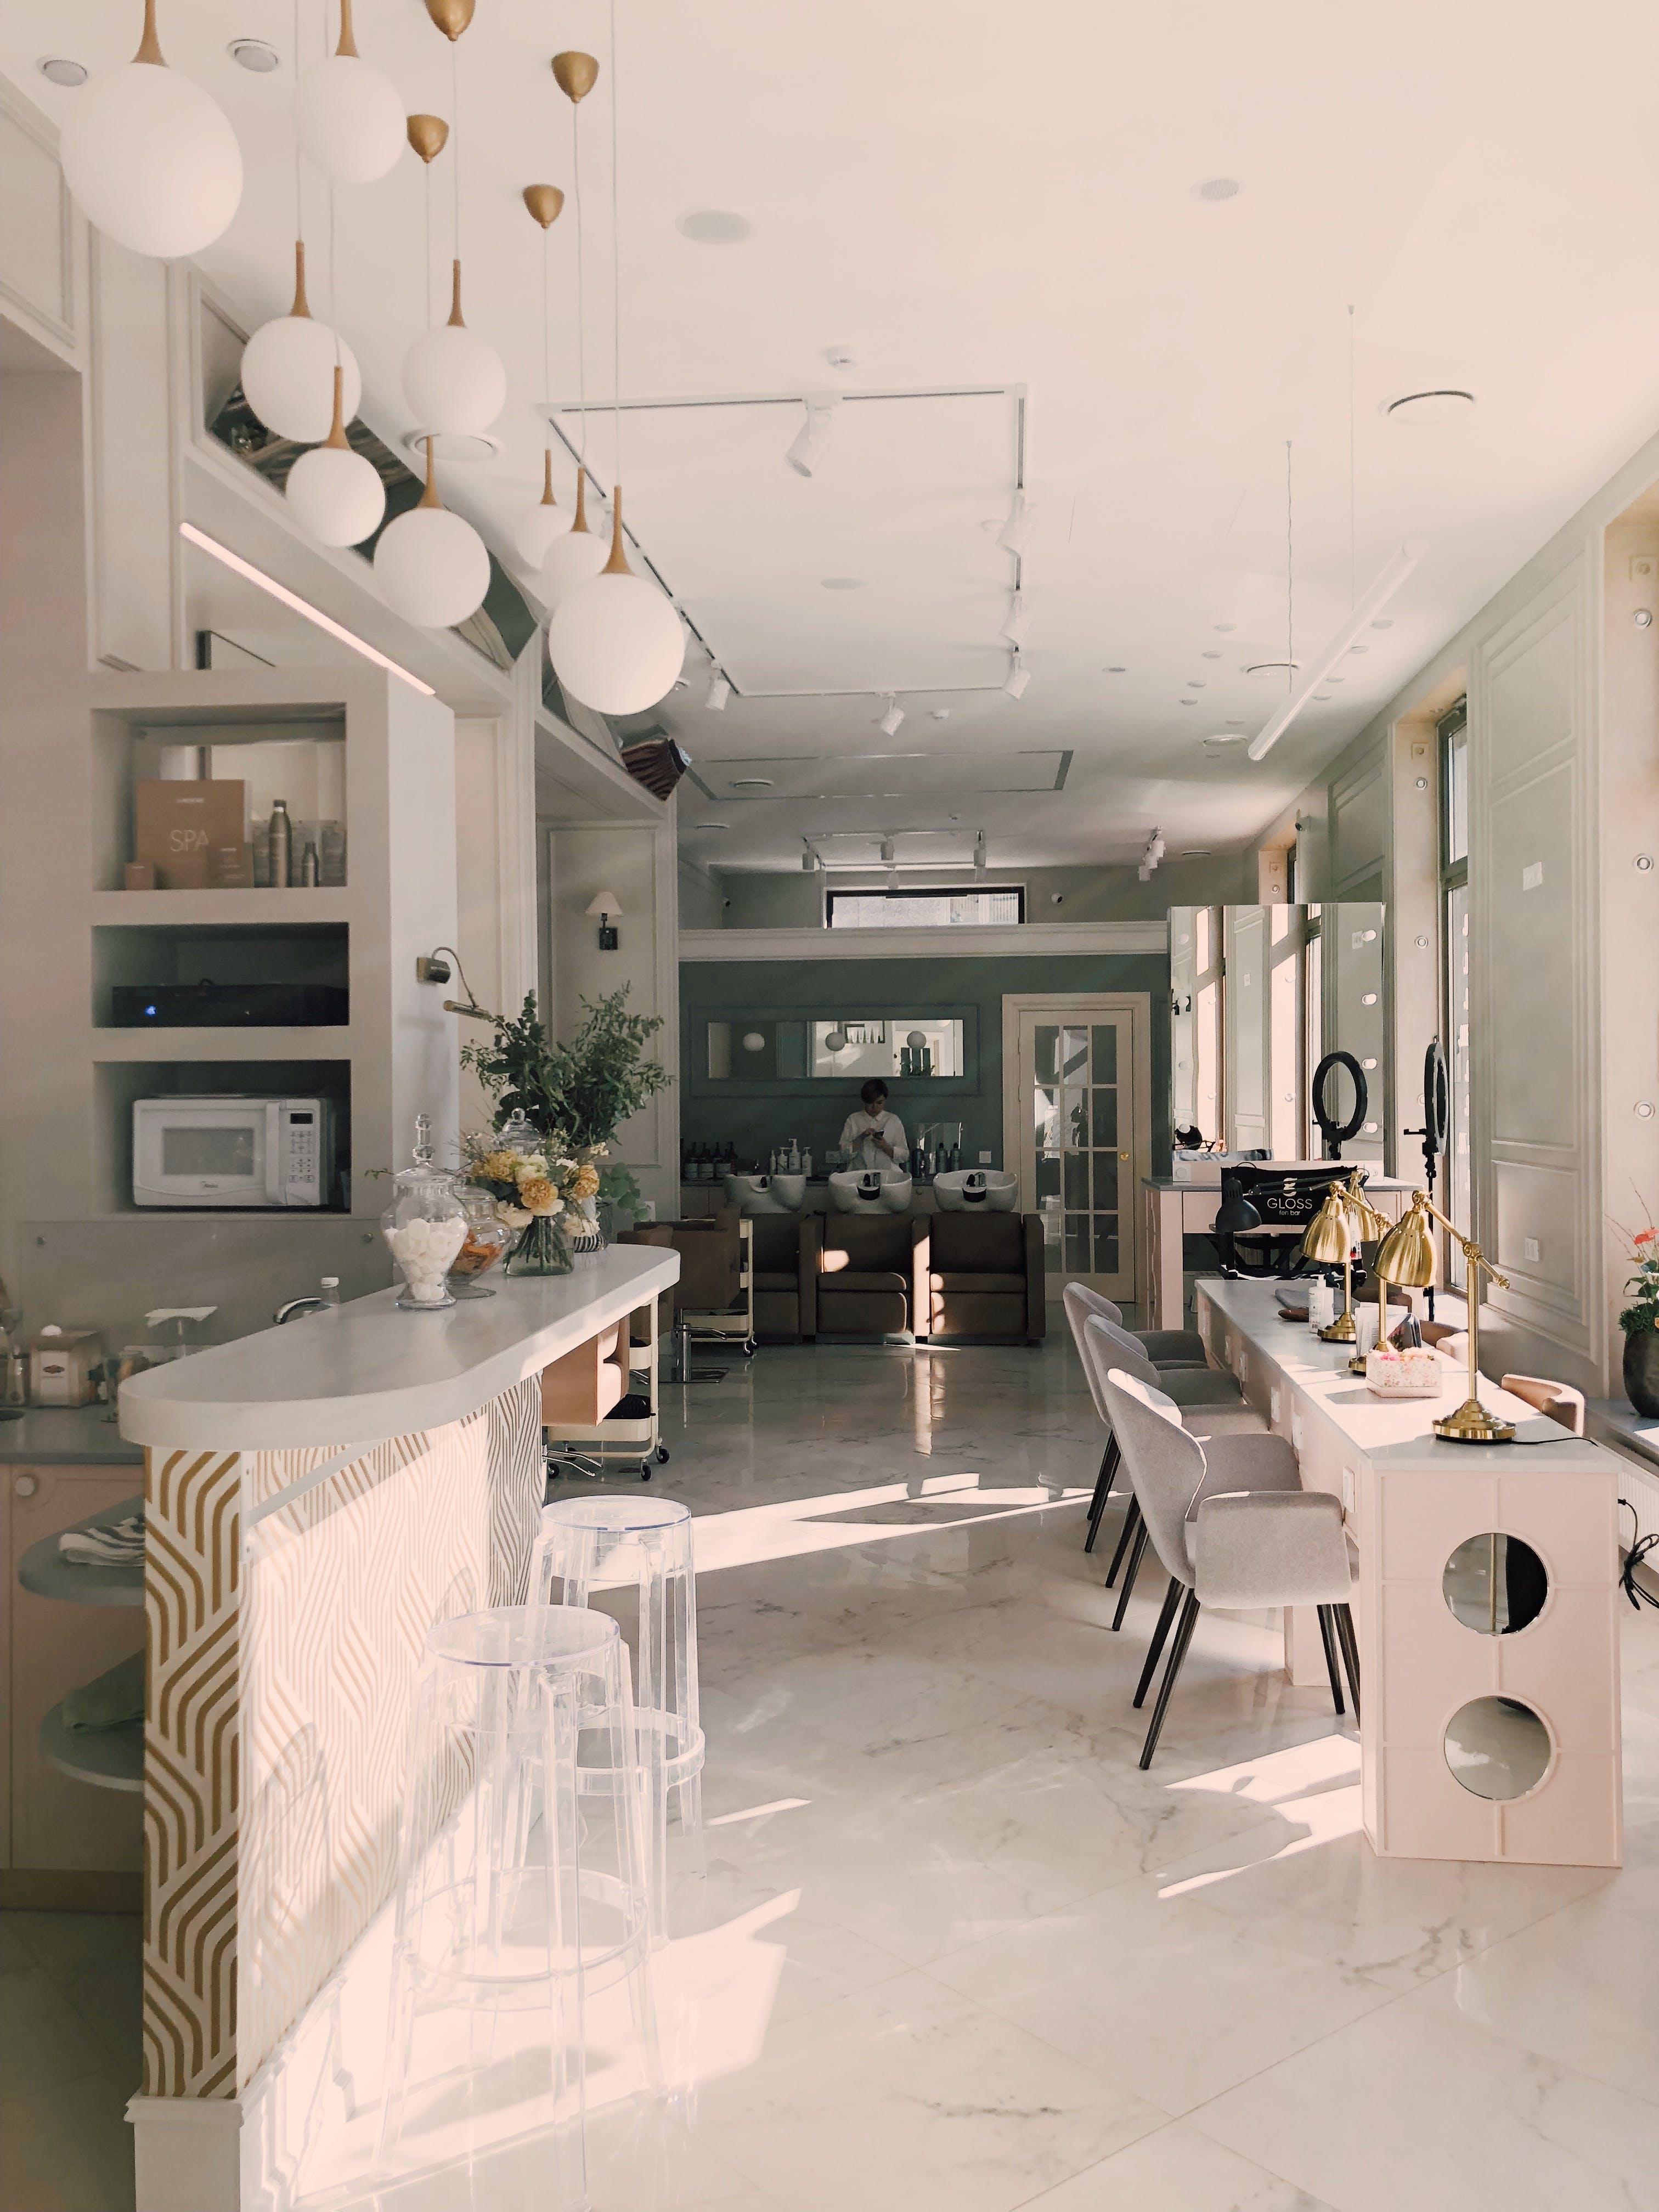 apartman, güzellik salonu, iç dizayn, iç mekan içeren Ücretsiz stok fotoğraf